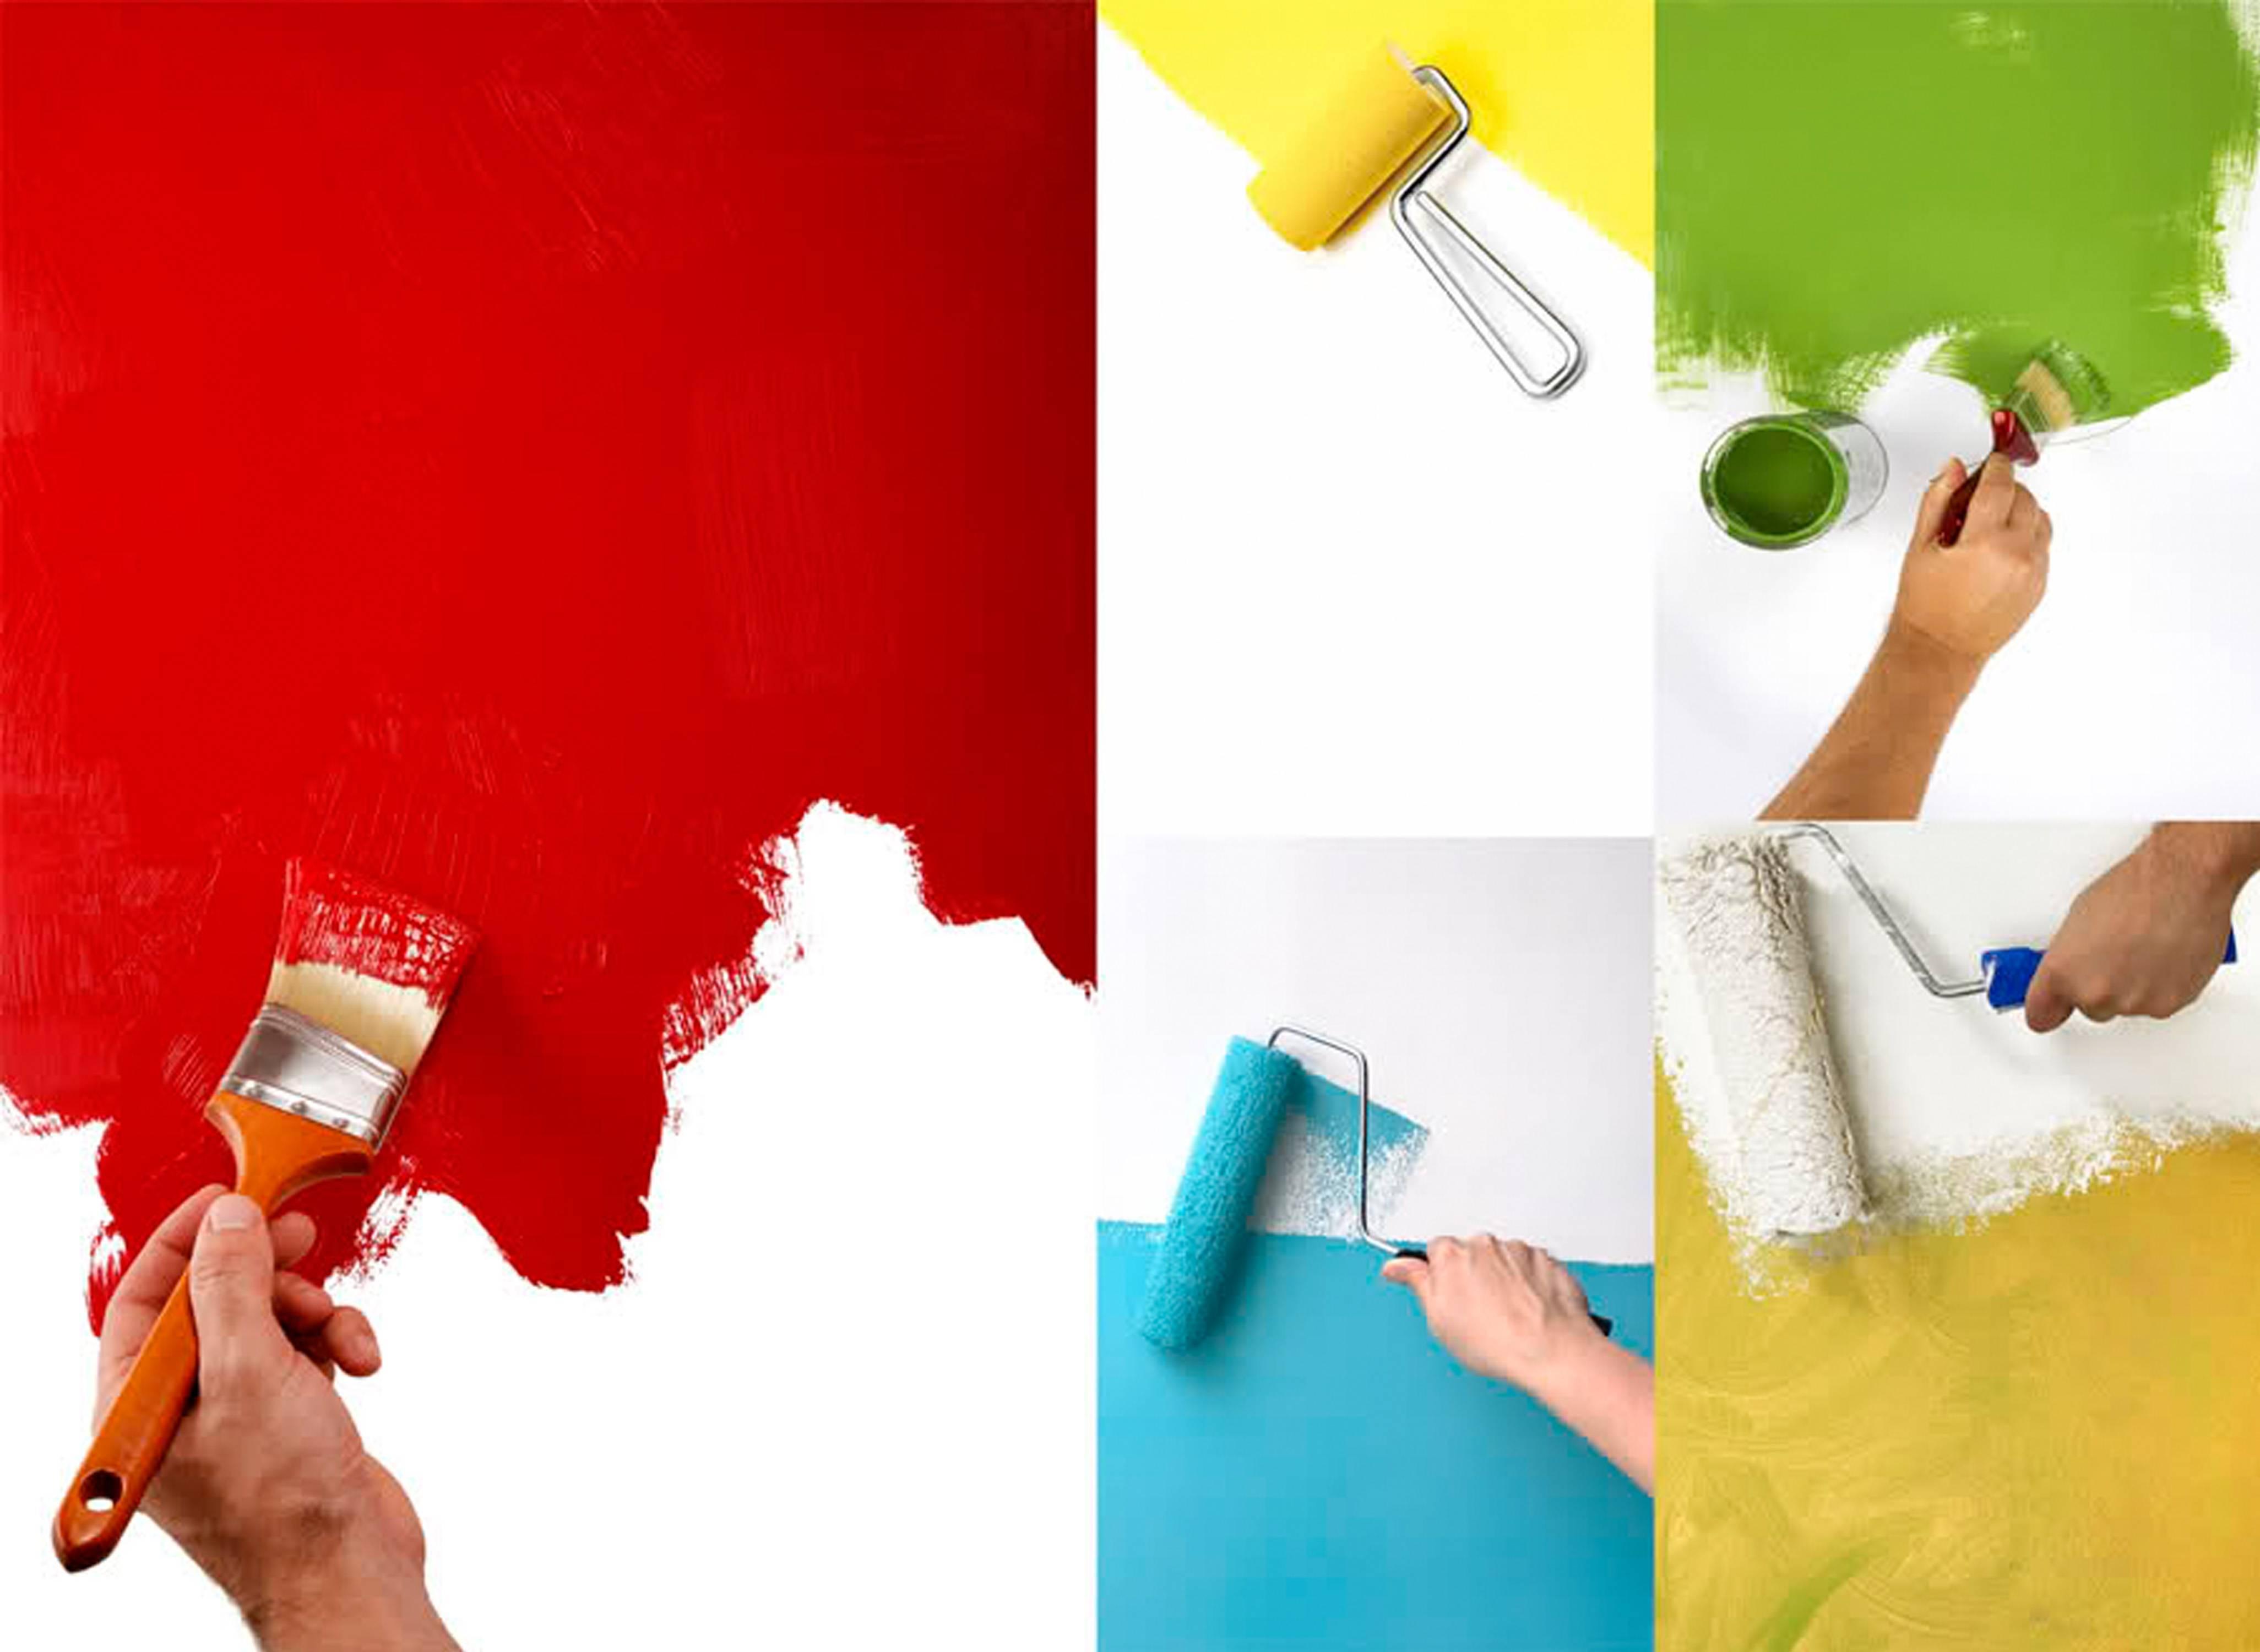 Как покрасить потолок акриловой краской своими руками без разводов и подтеков